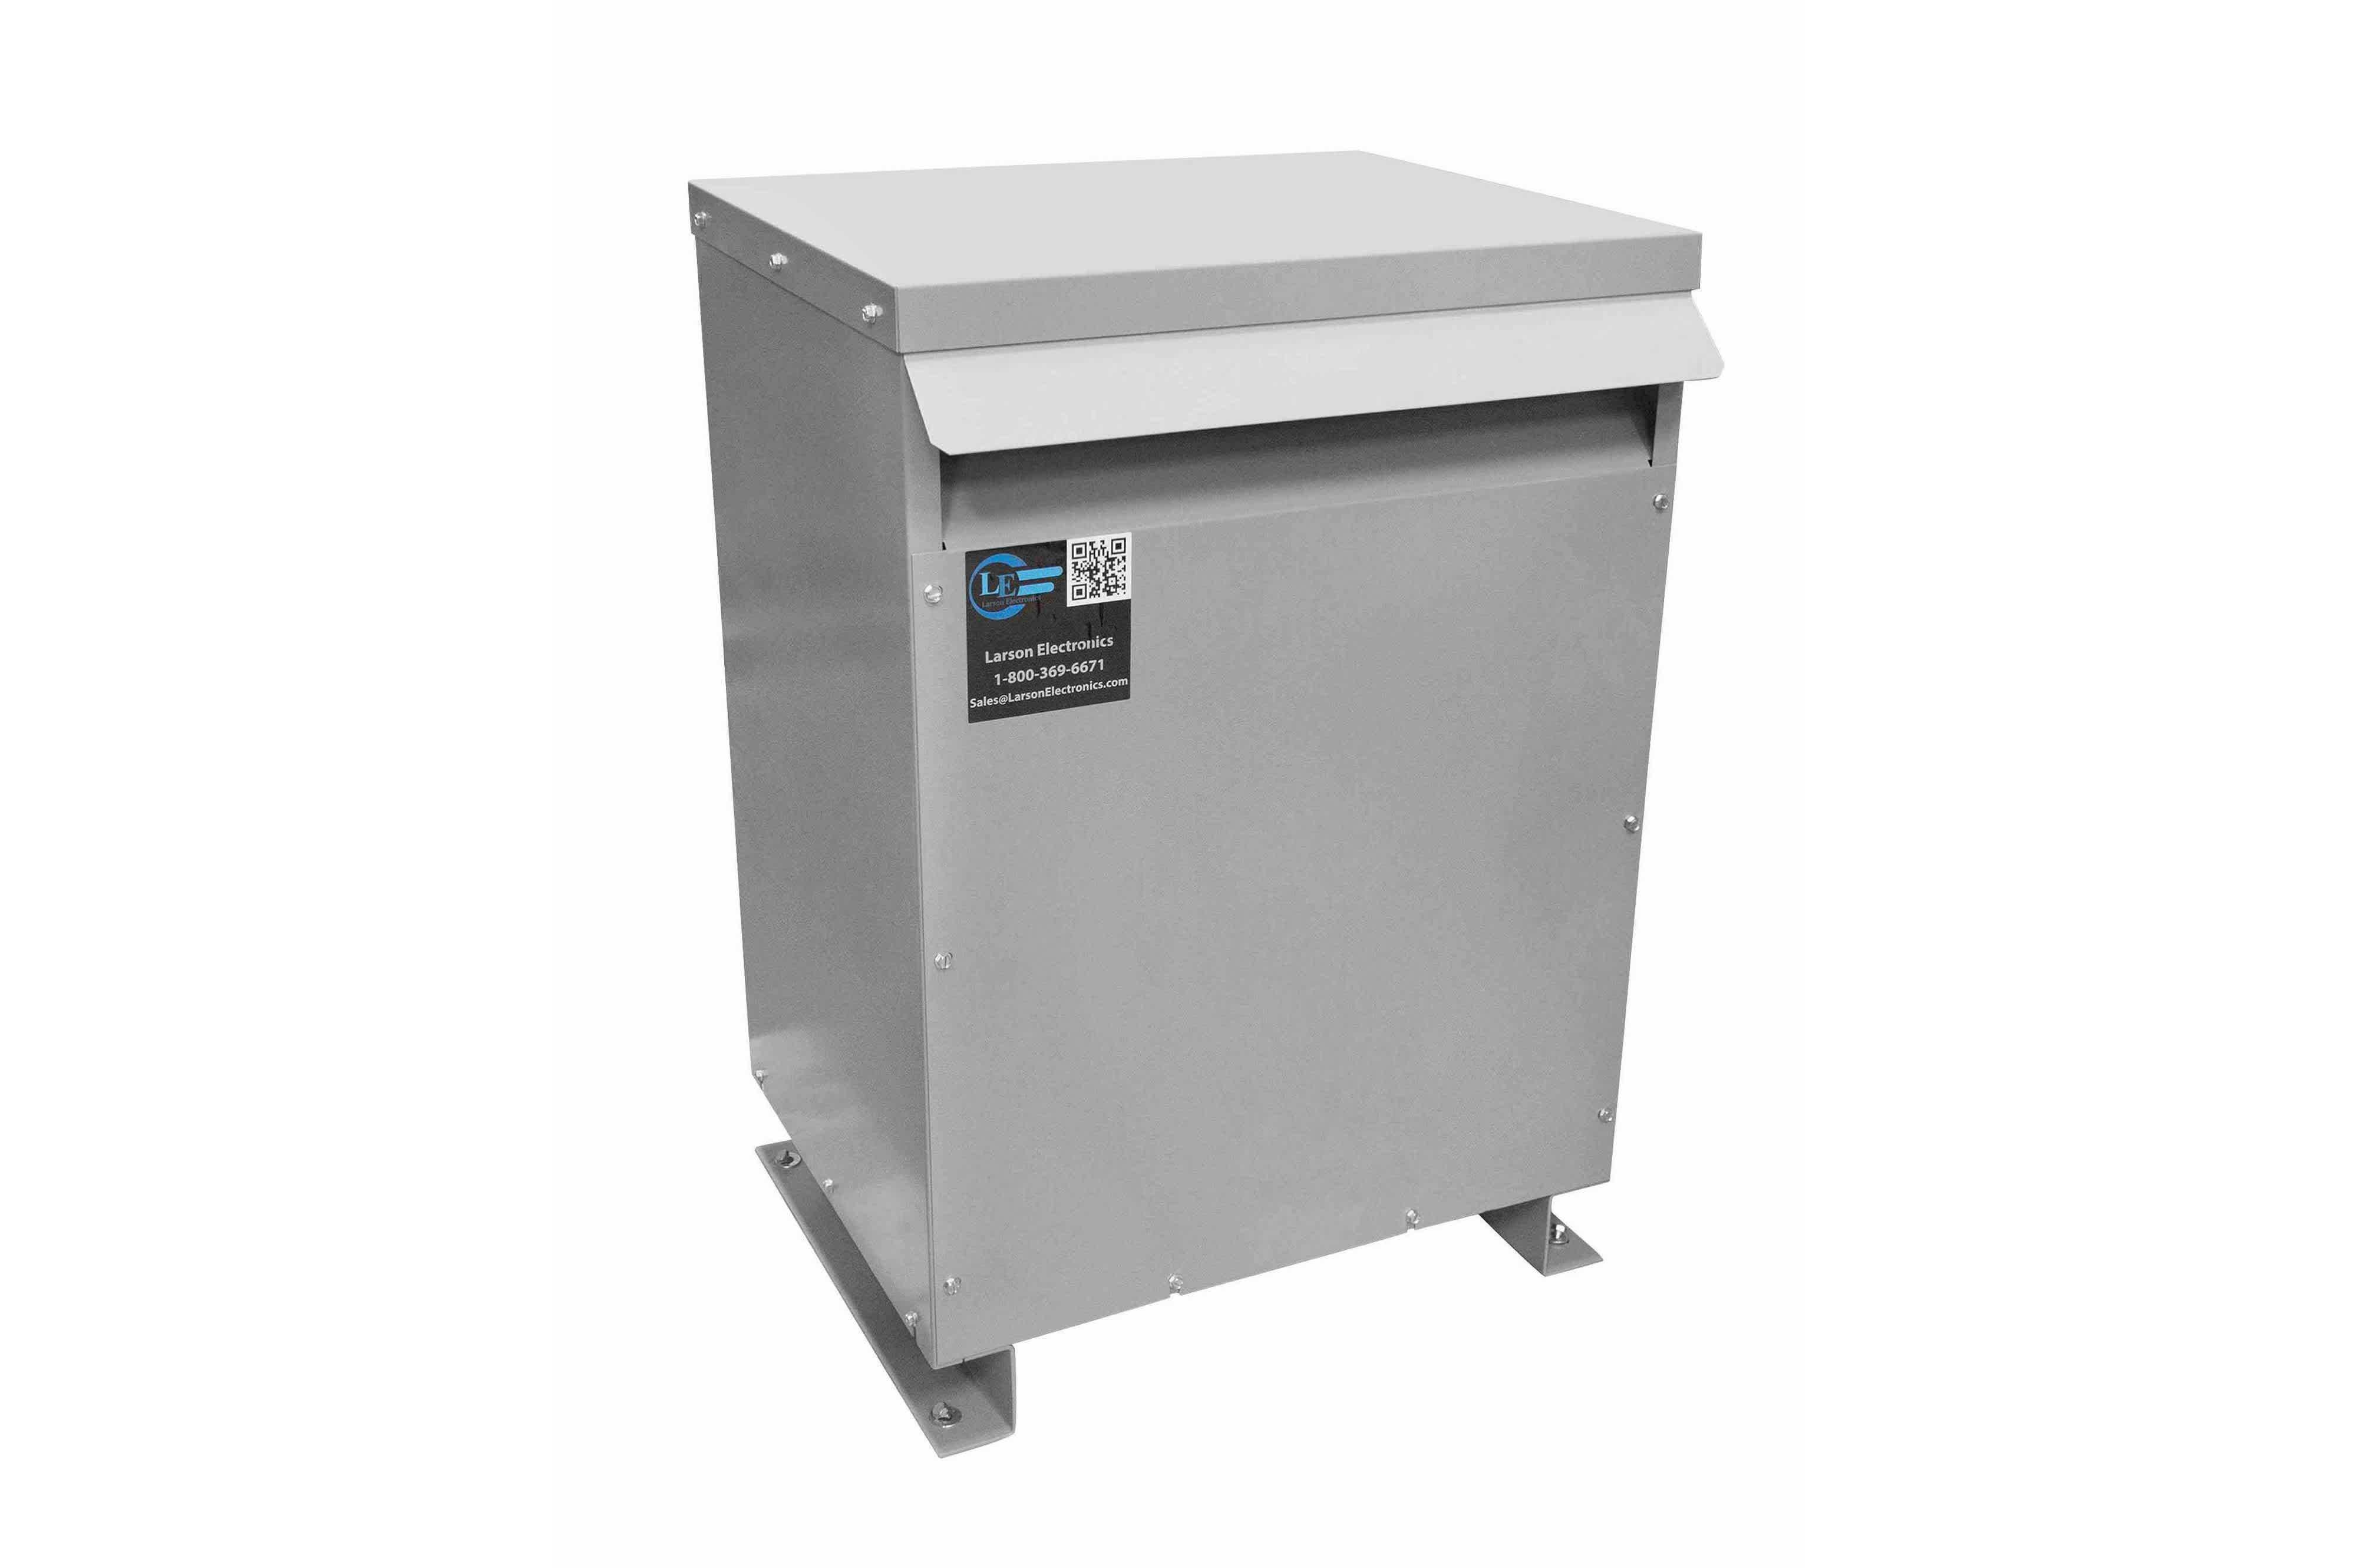 52.5 kVA 3PH Isolation Transformer, 600V Delta Primary, 208V Delta Secondary, N3R, Ventilated, 60 Hz